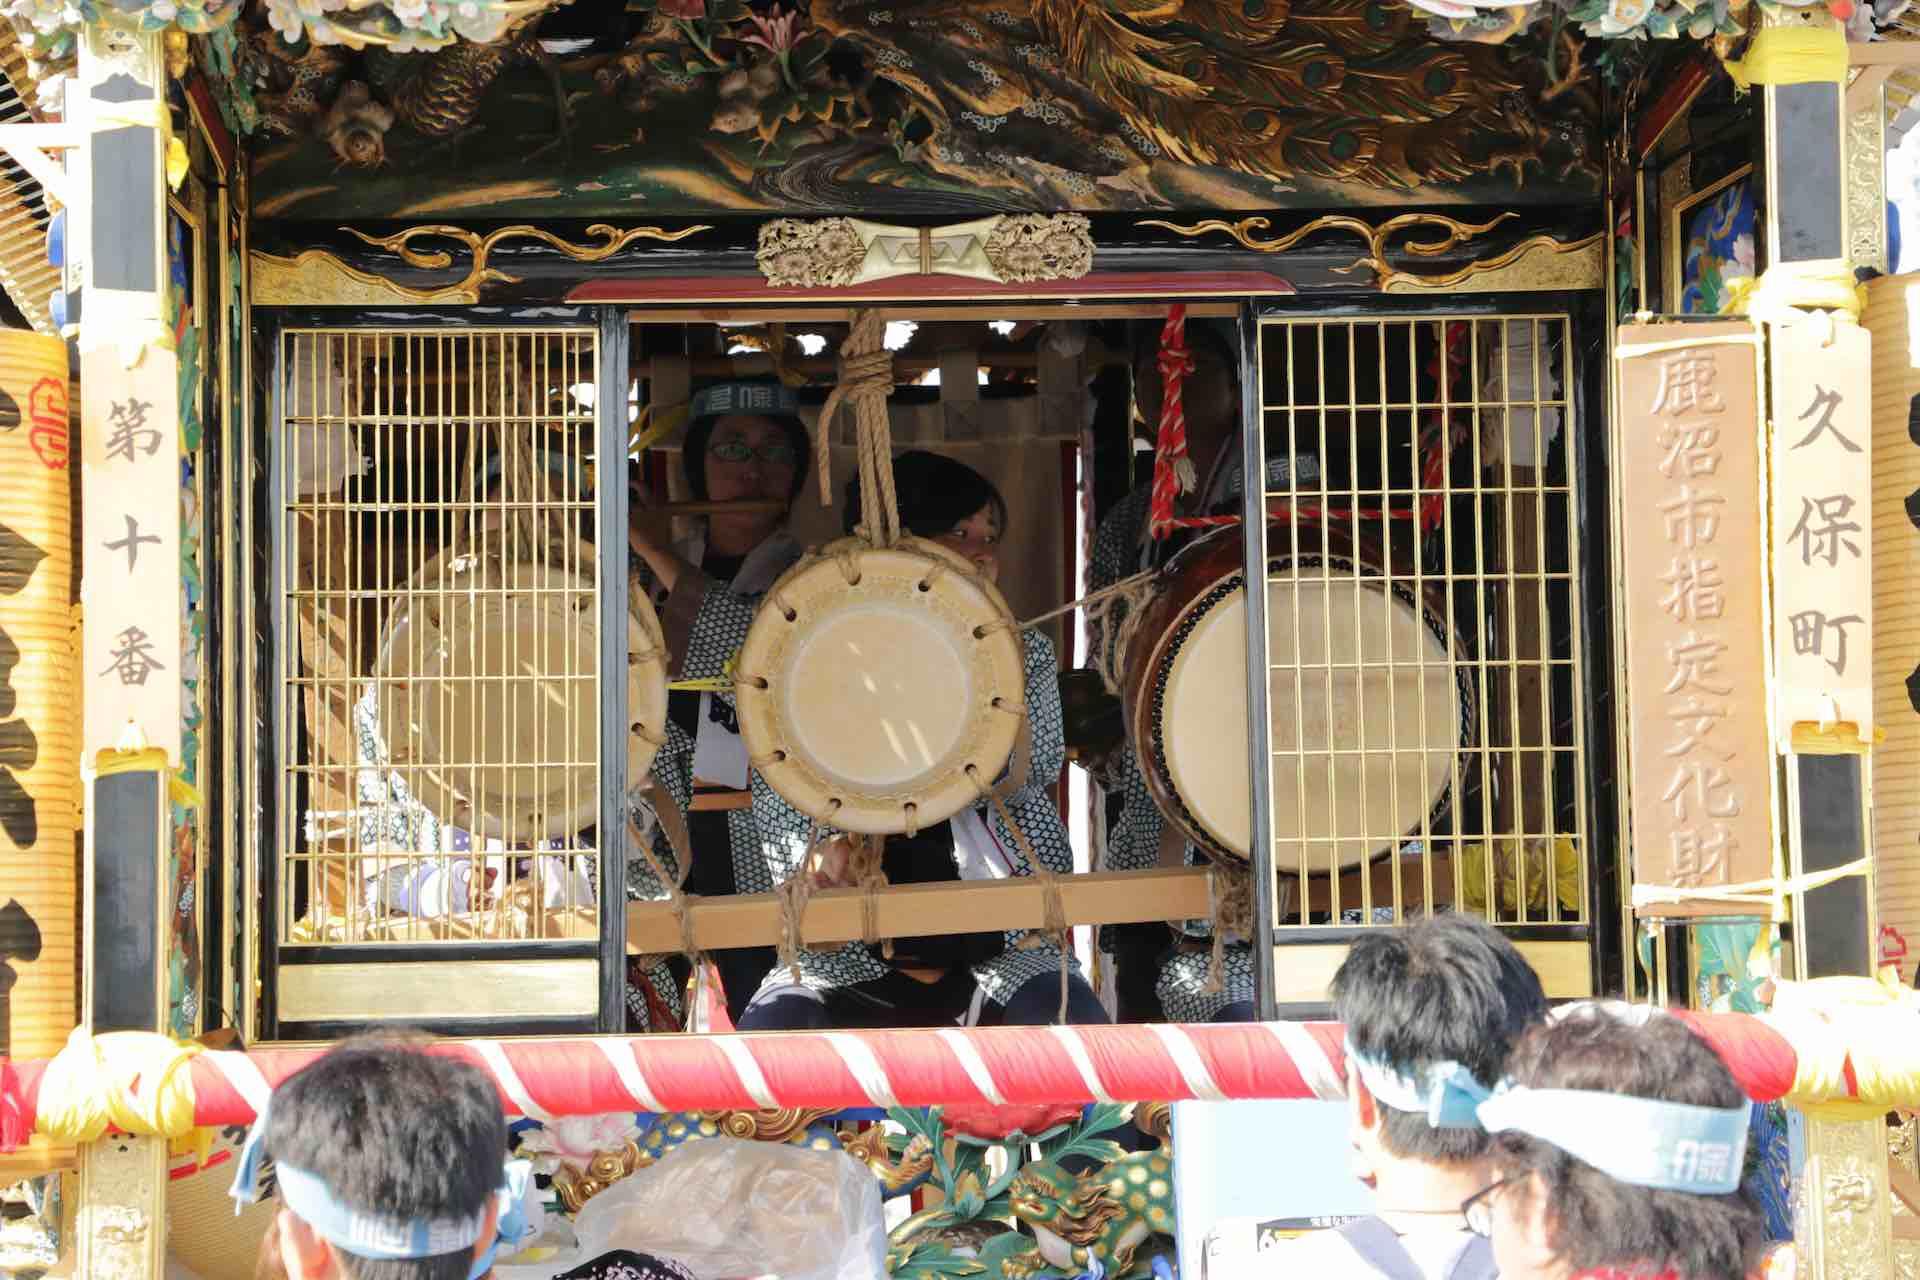 中には太鼓や笛を演奏する人の姿が見えます